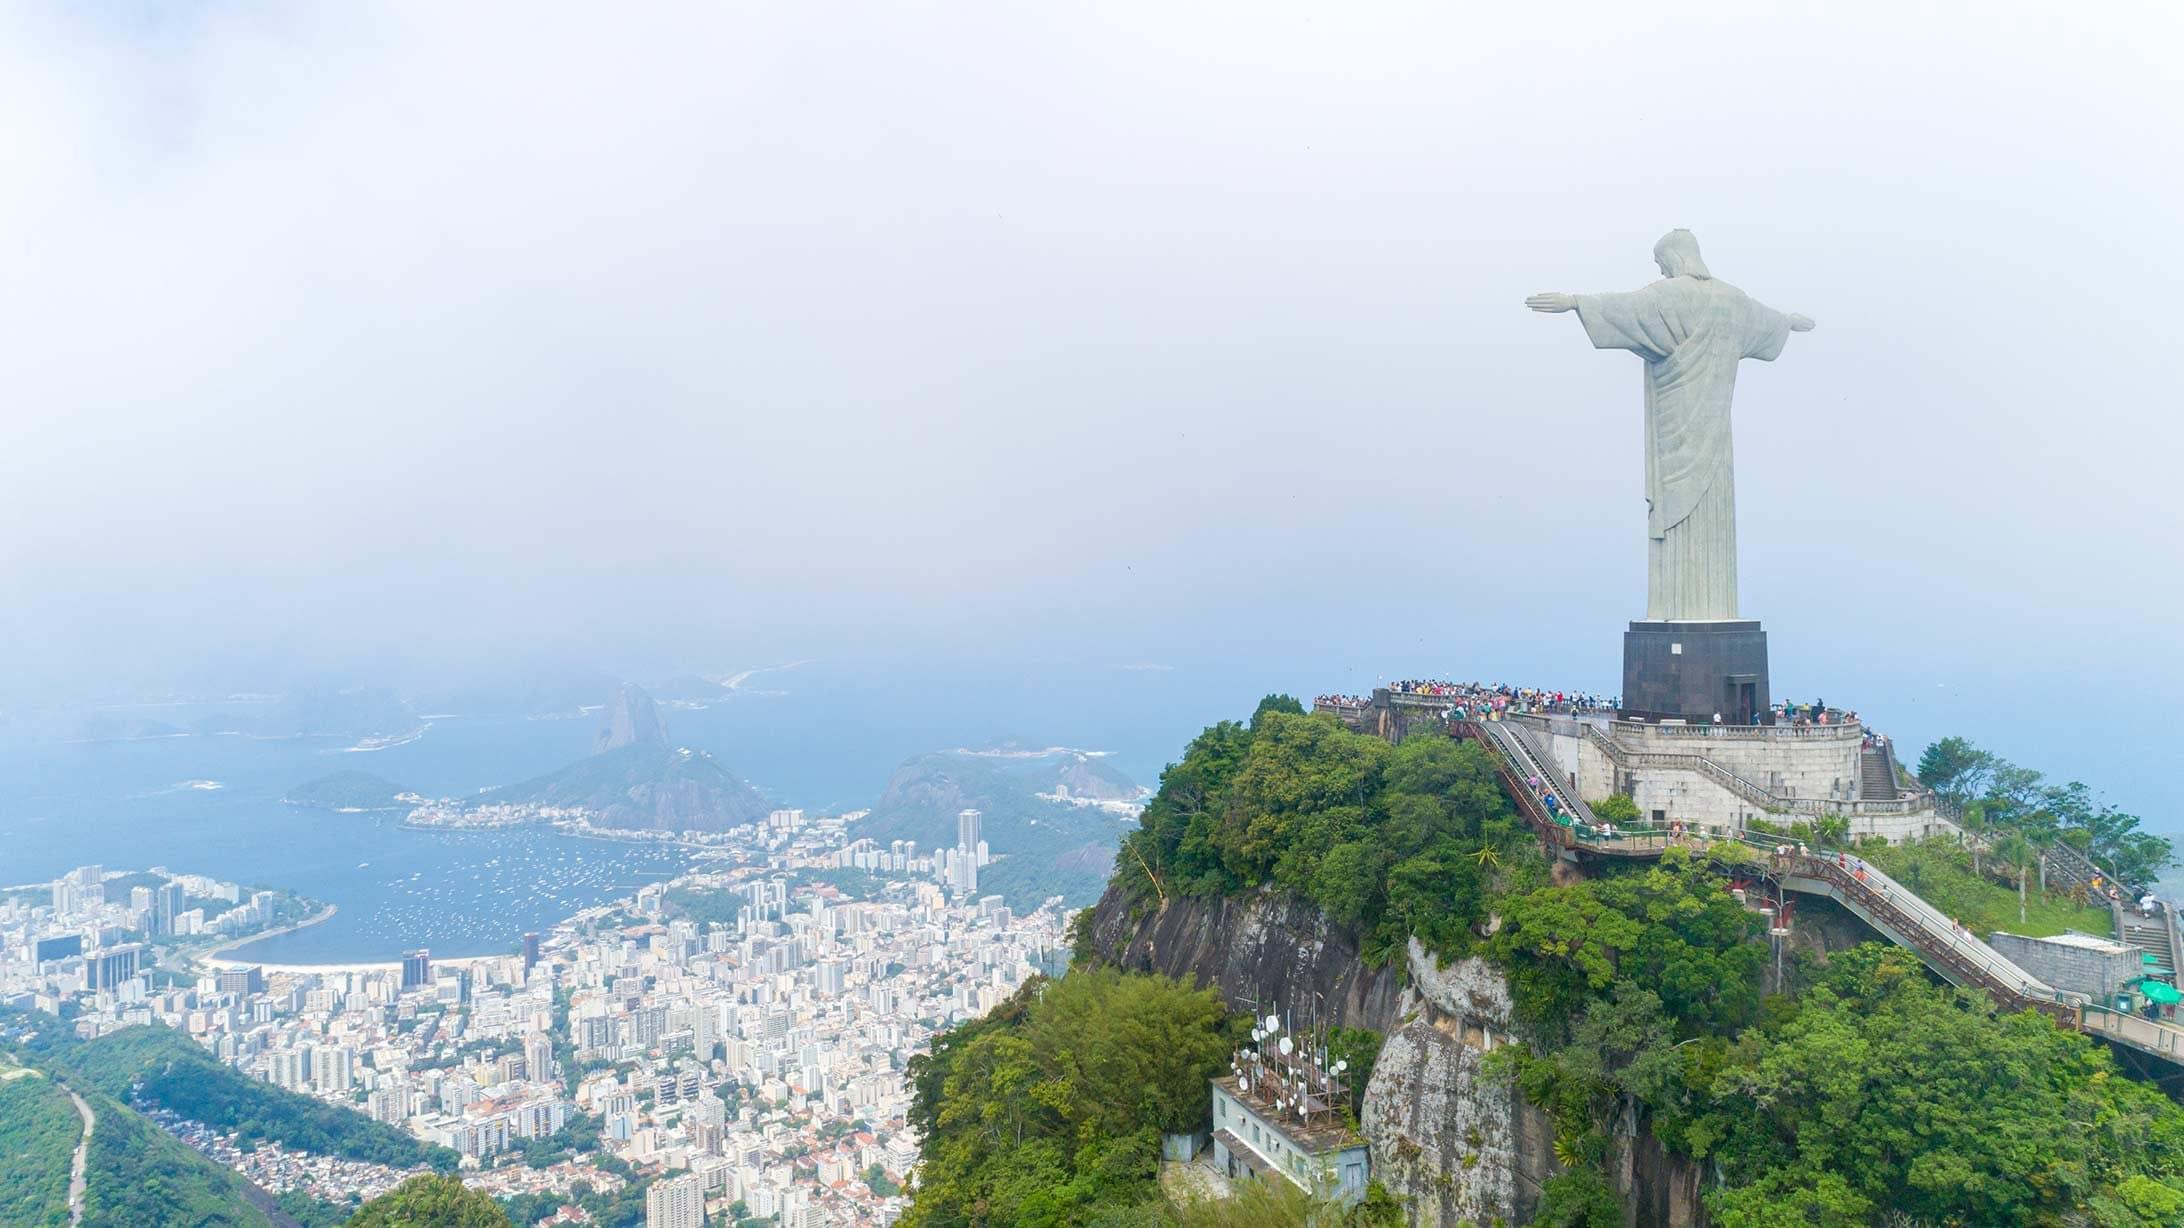 Blick auf den «Cristo Redentor» in Rio de Janeiro